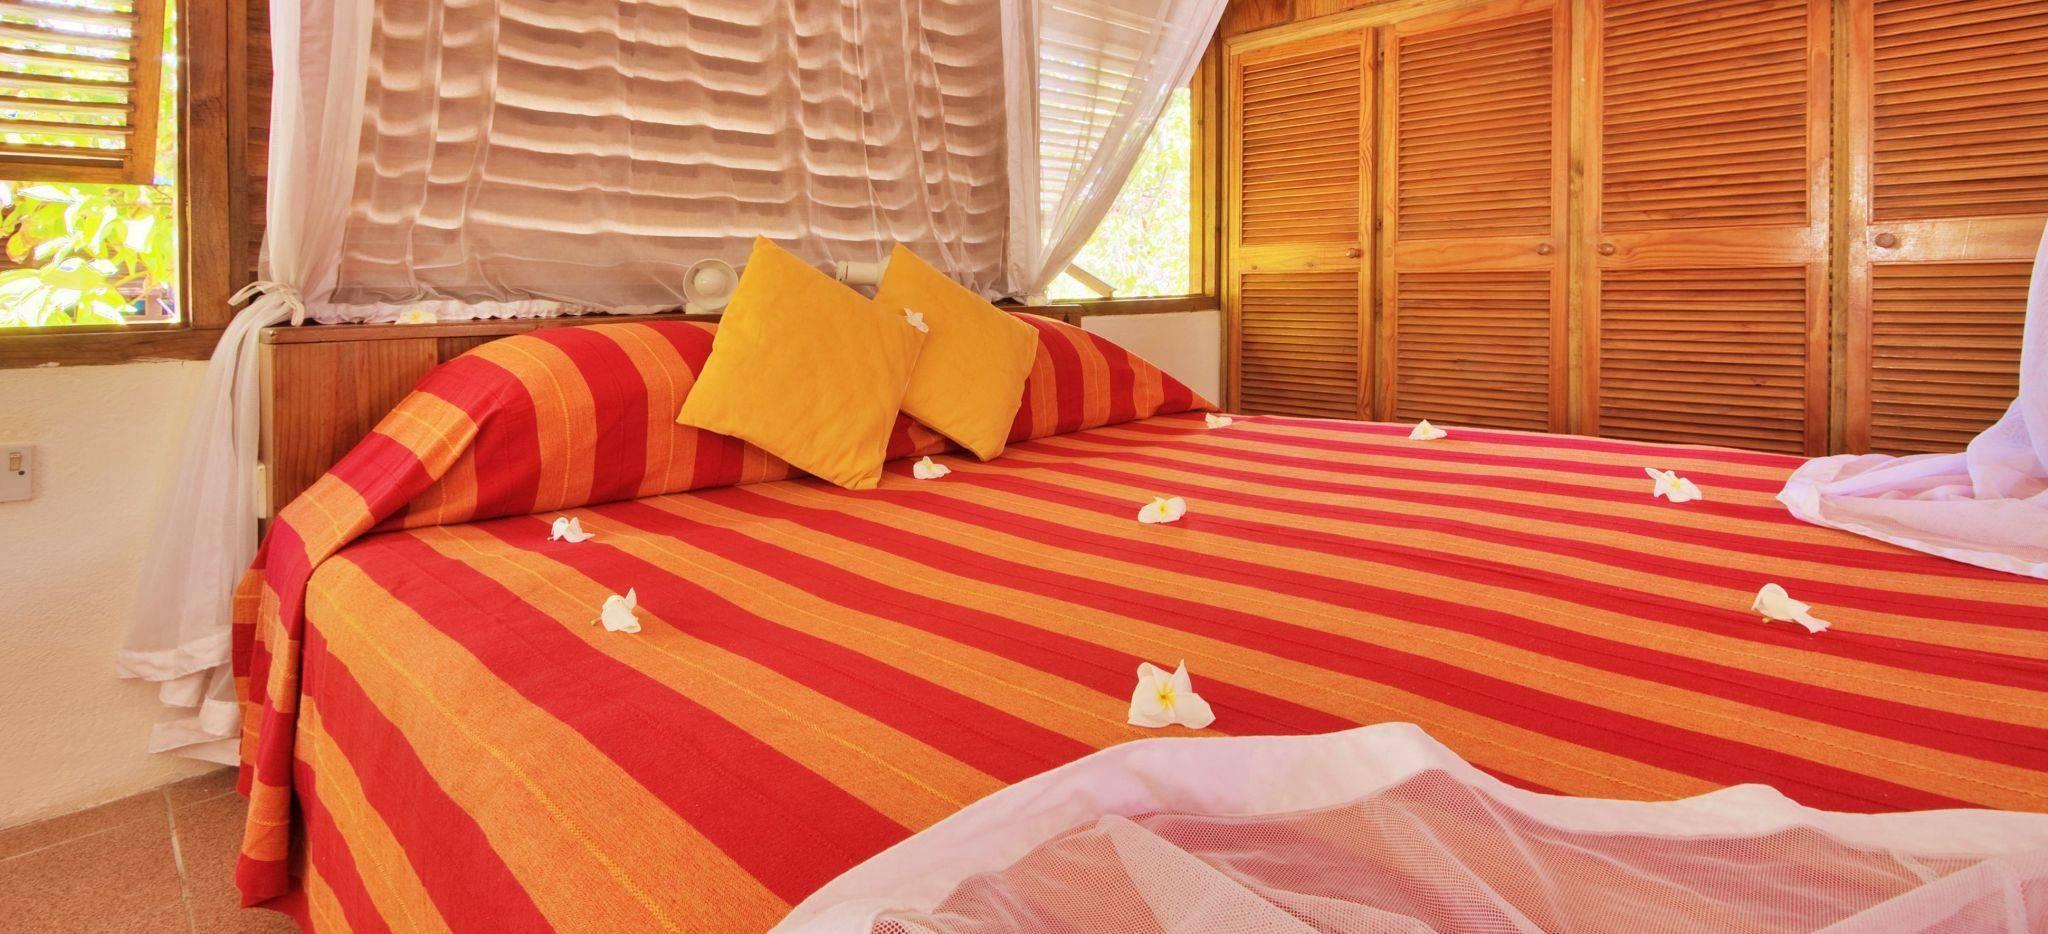 Das Schlafzimmer eines der Hotelzimmer im Hotel Bird Island, Seychellen